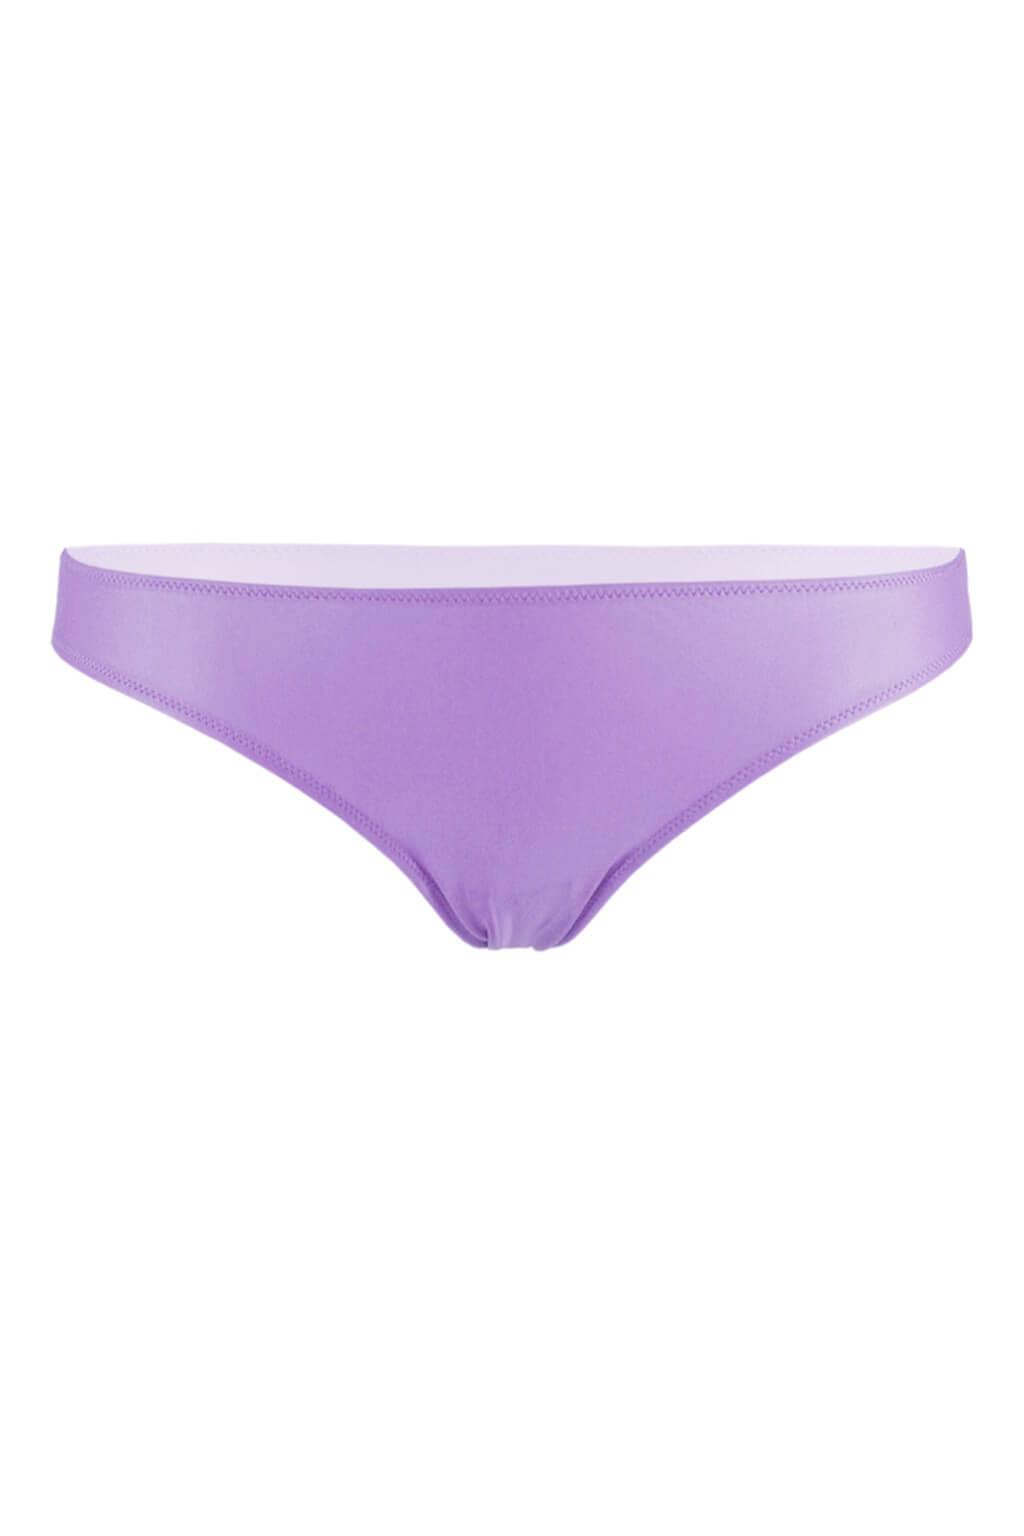 Bellinda kalhotky z mikrovlákna - Micro Slip S světle fialová